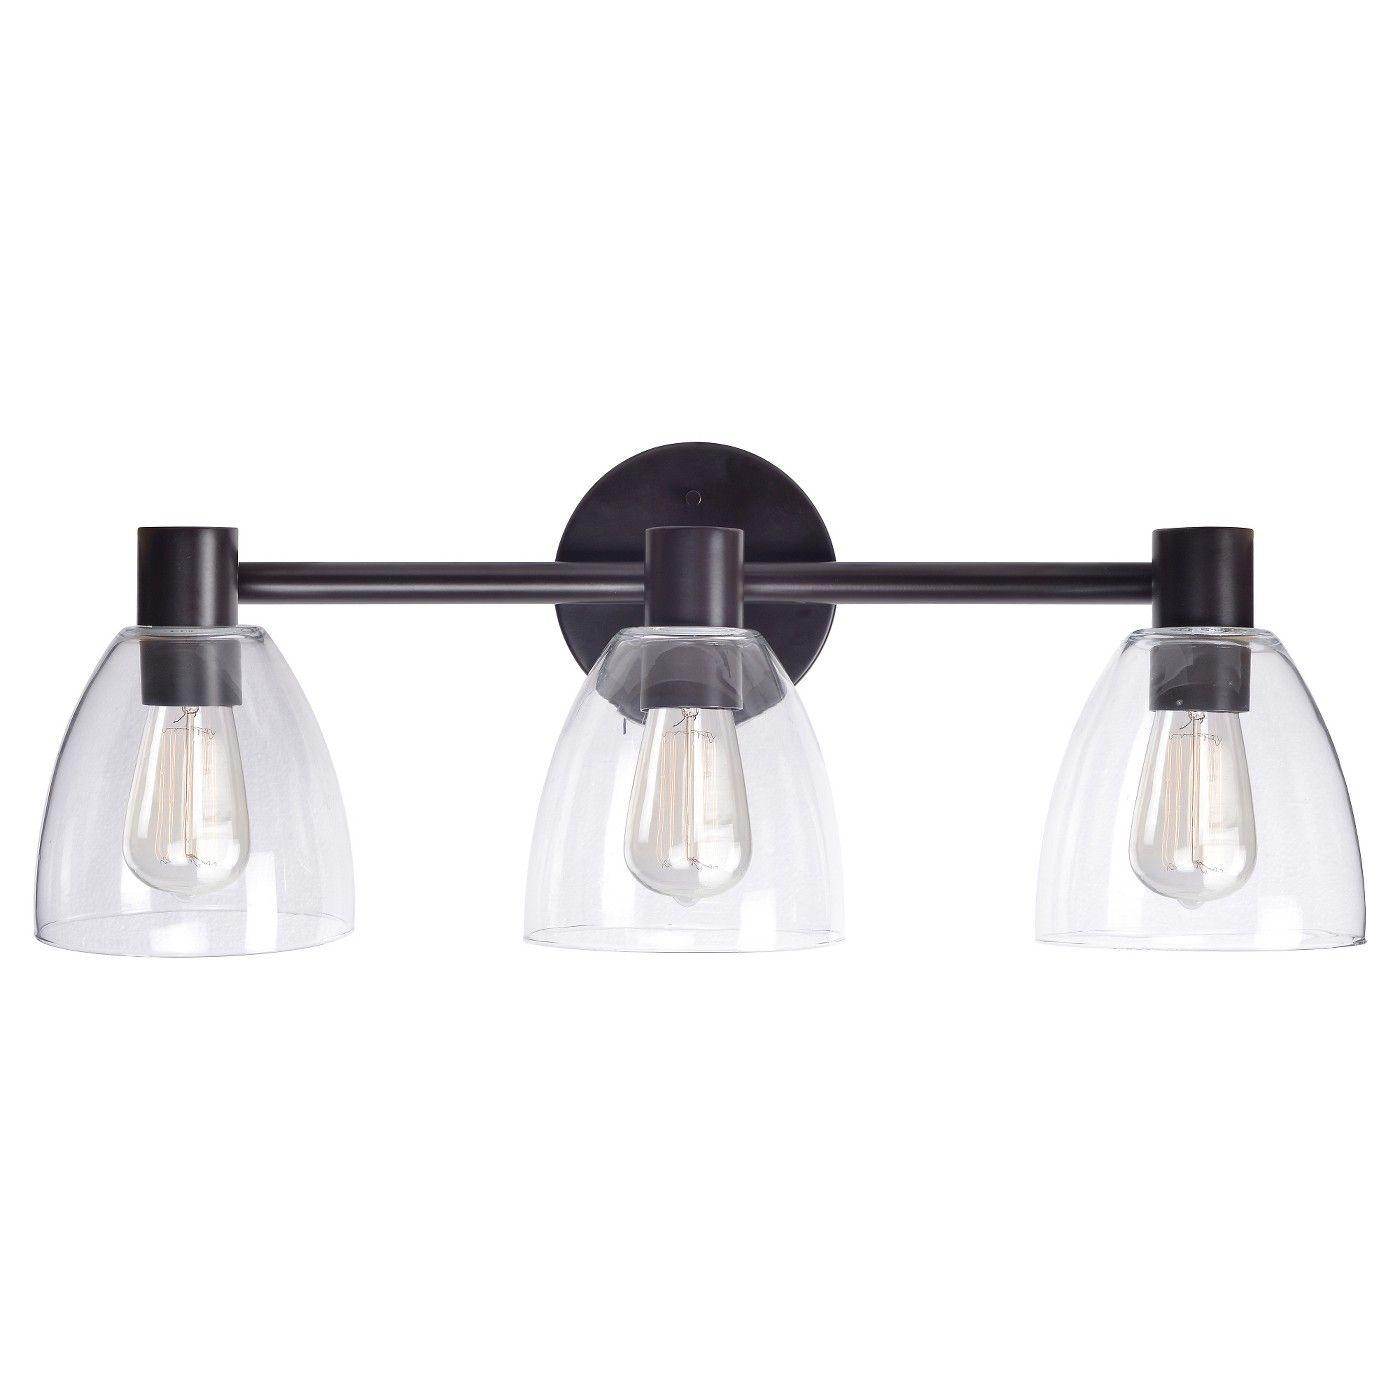 Kenroy Home Edis 3 Light Vanity Wall Lights   Vanity ...